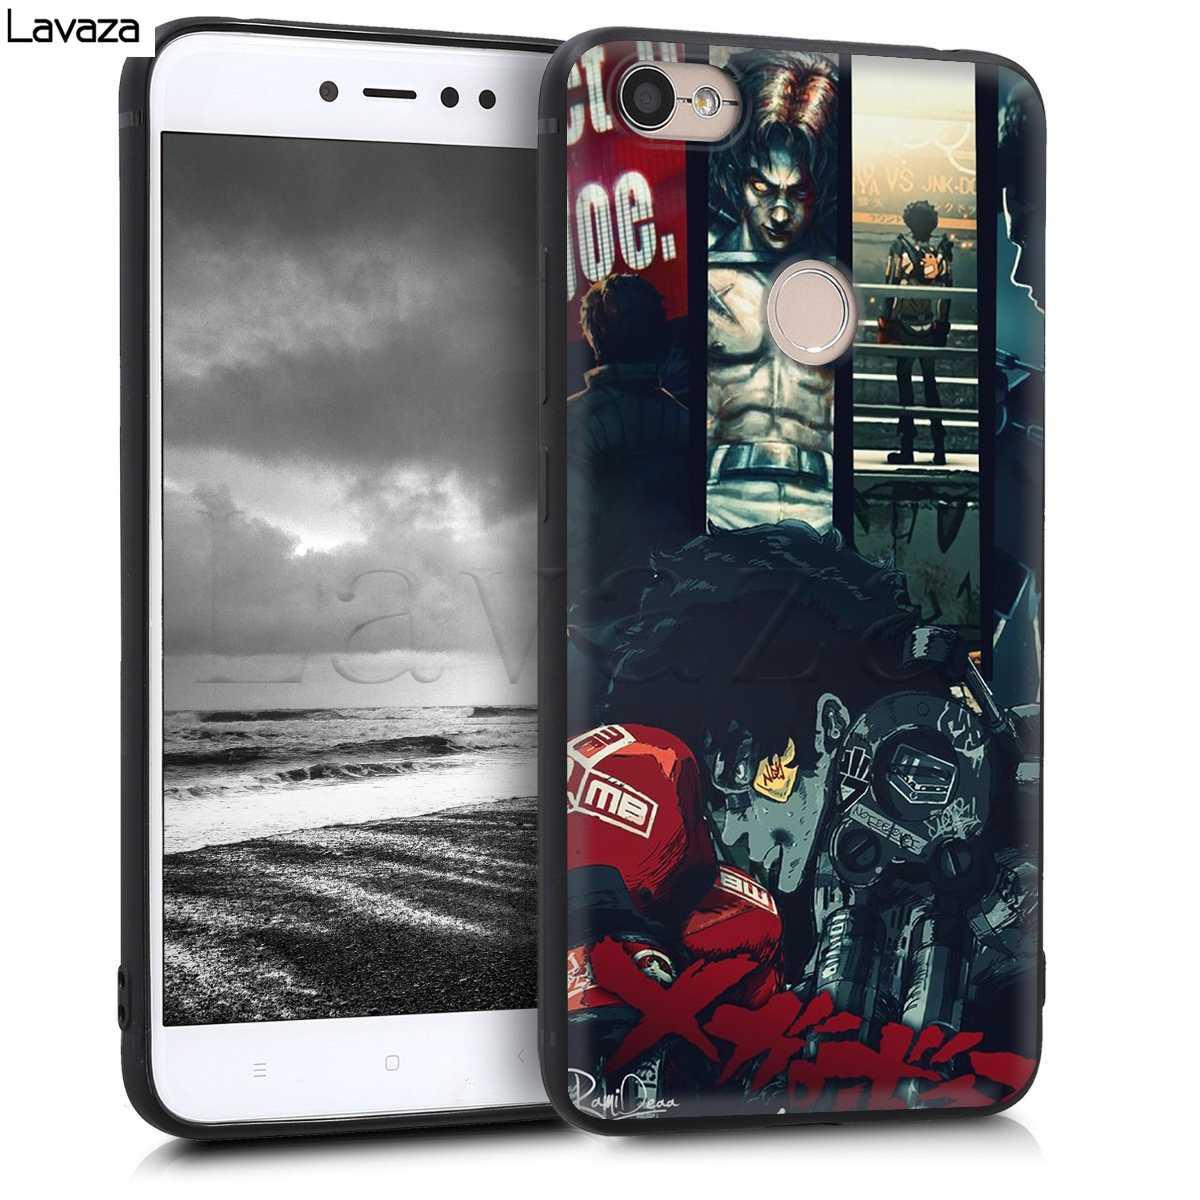 Lavaza Megalo Box Soft Silicone Case for Xiaomi MI MAX 3 A1 A2 mi6 mi 7 8 9 se Lite Plus f1